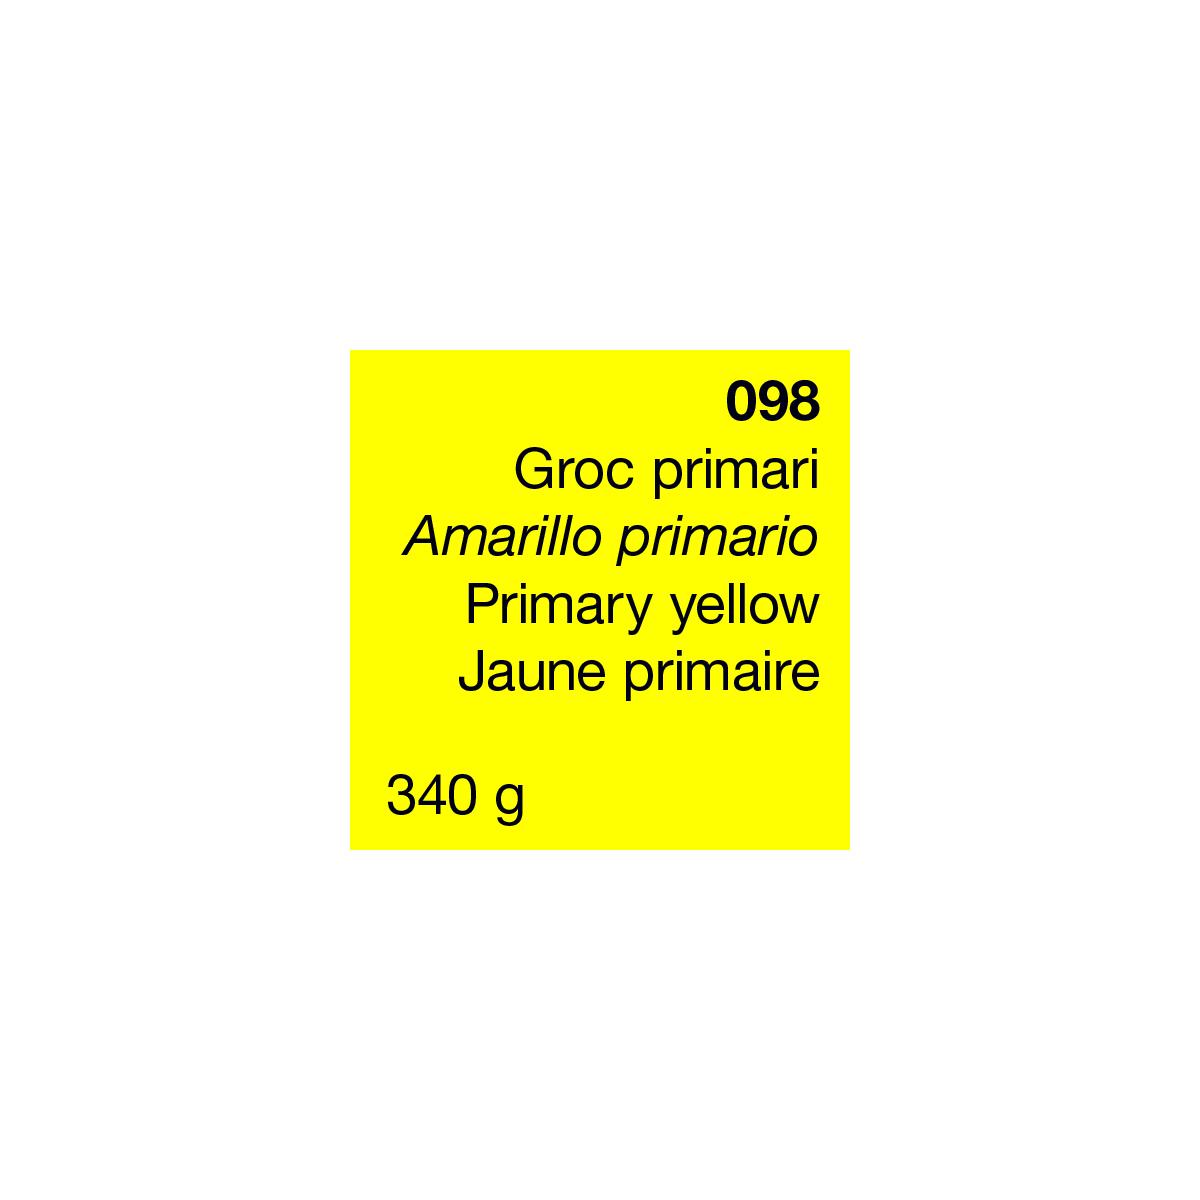 PIGMENTO AMARILLO PRIMARIO...